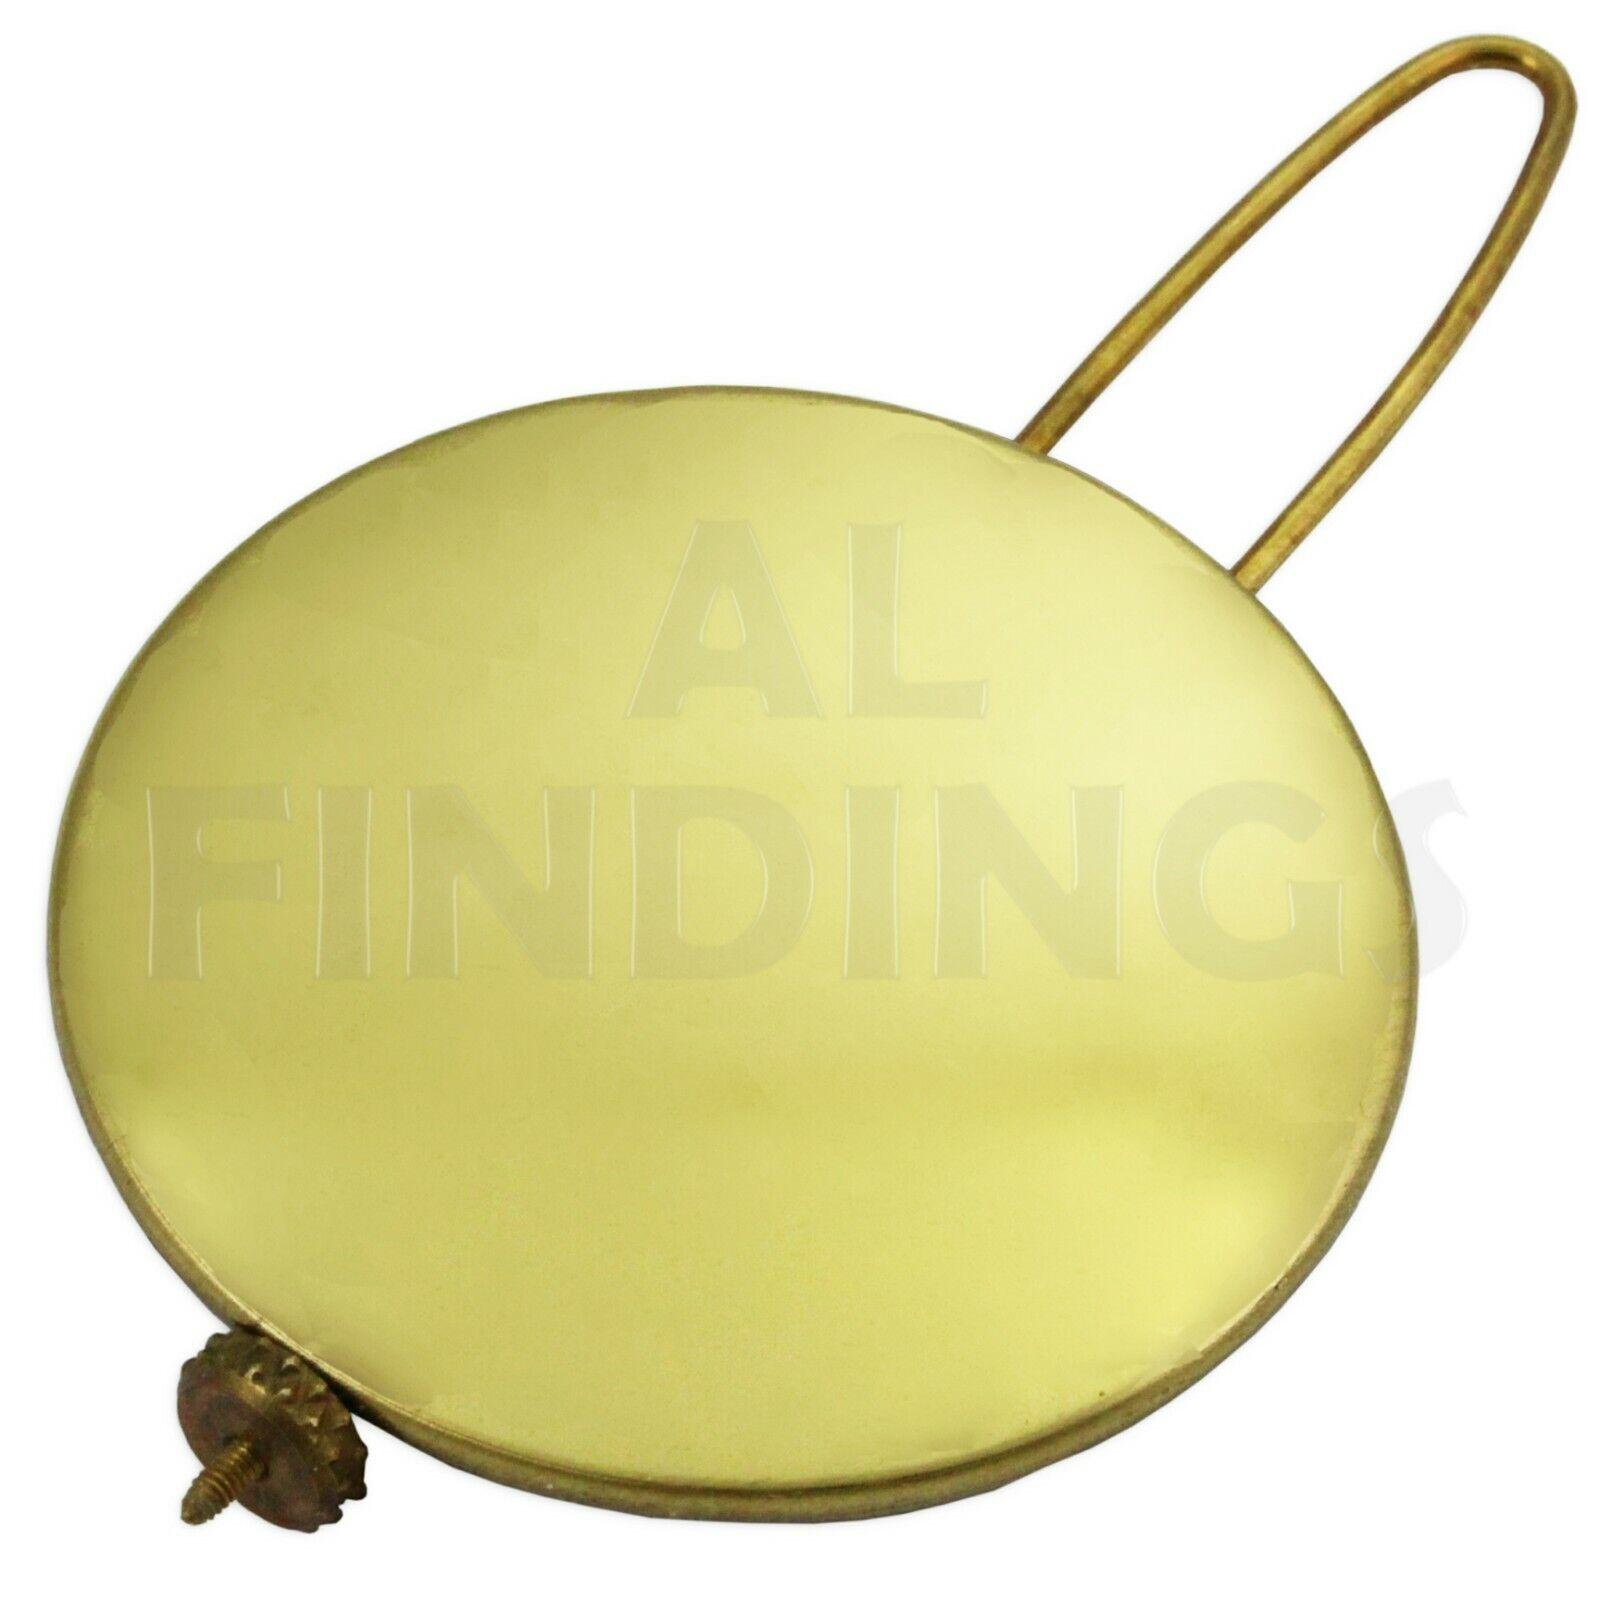 Clock Pendulum pendulums Bob Ansonia Style 43mm repair tool